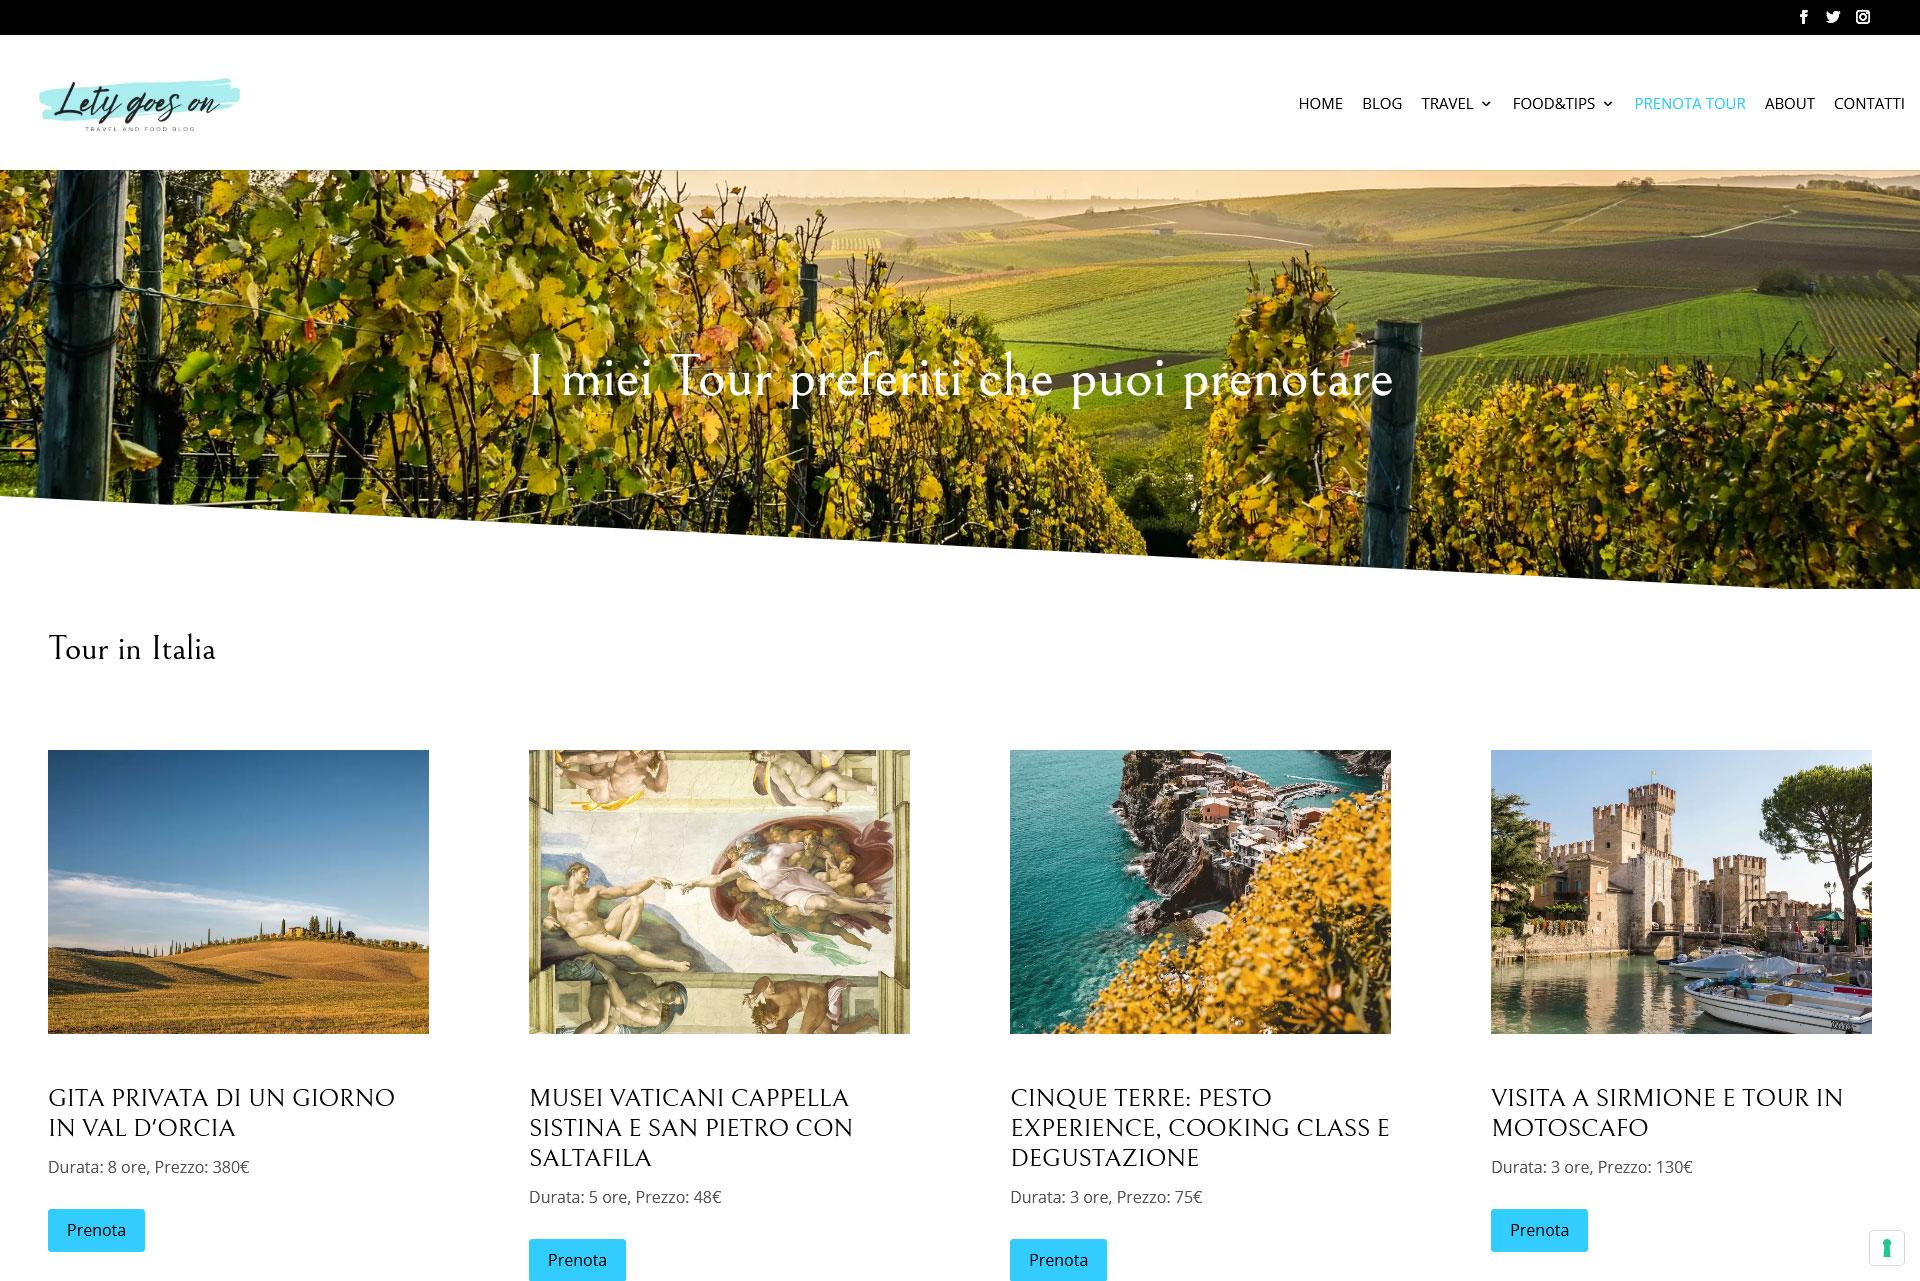 lv-design-realizzazione-siti-web-bologna-portfolio-lety-goes-on-slide-4